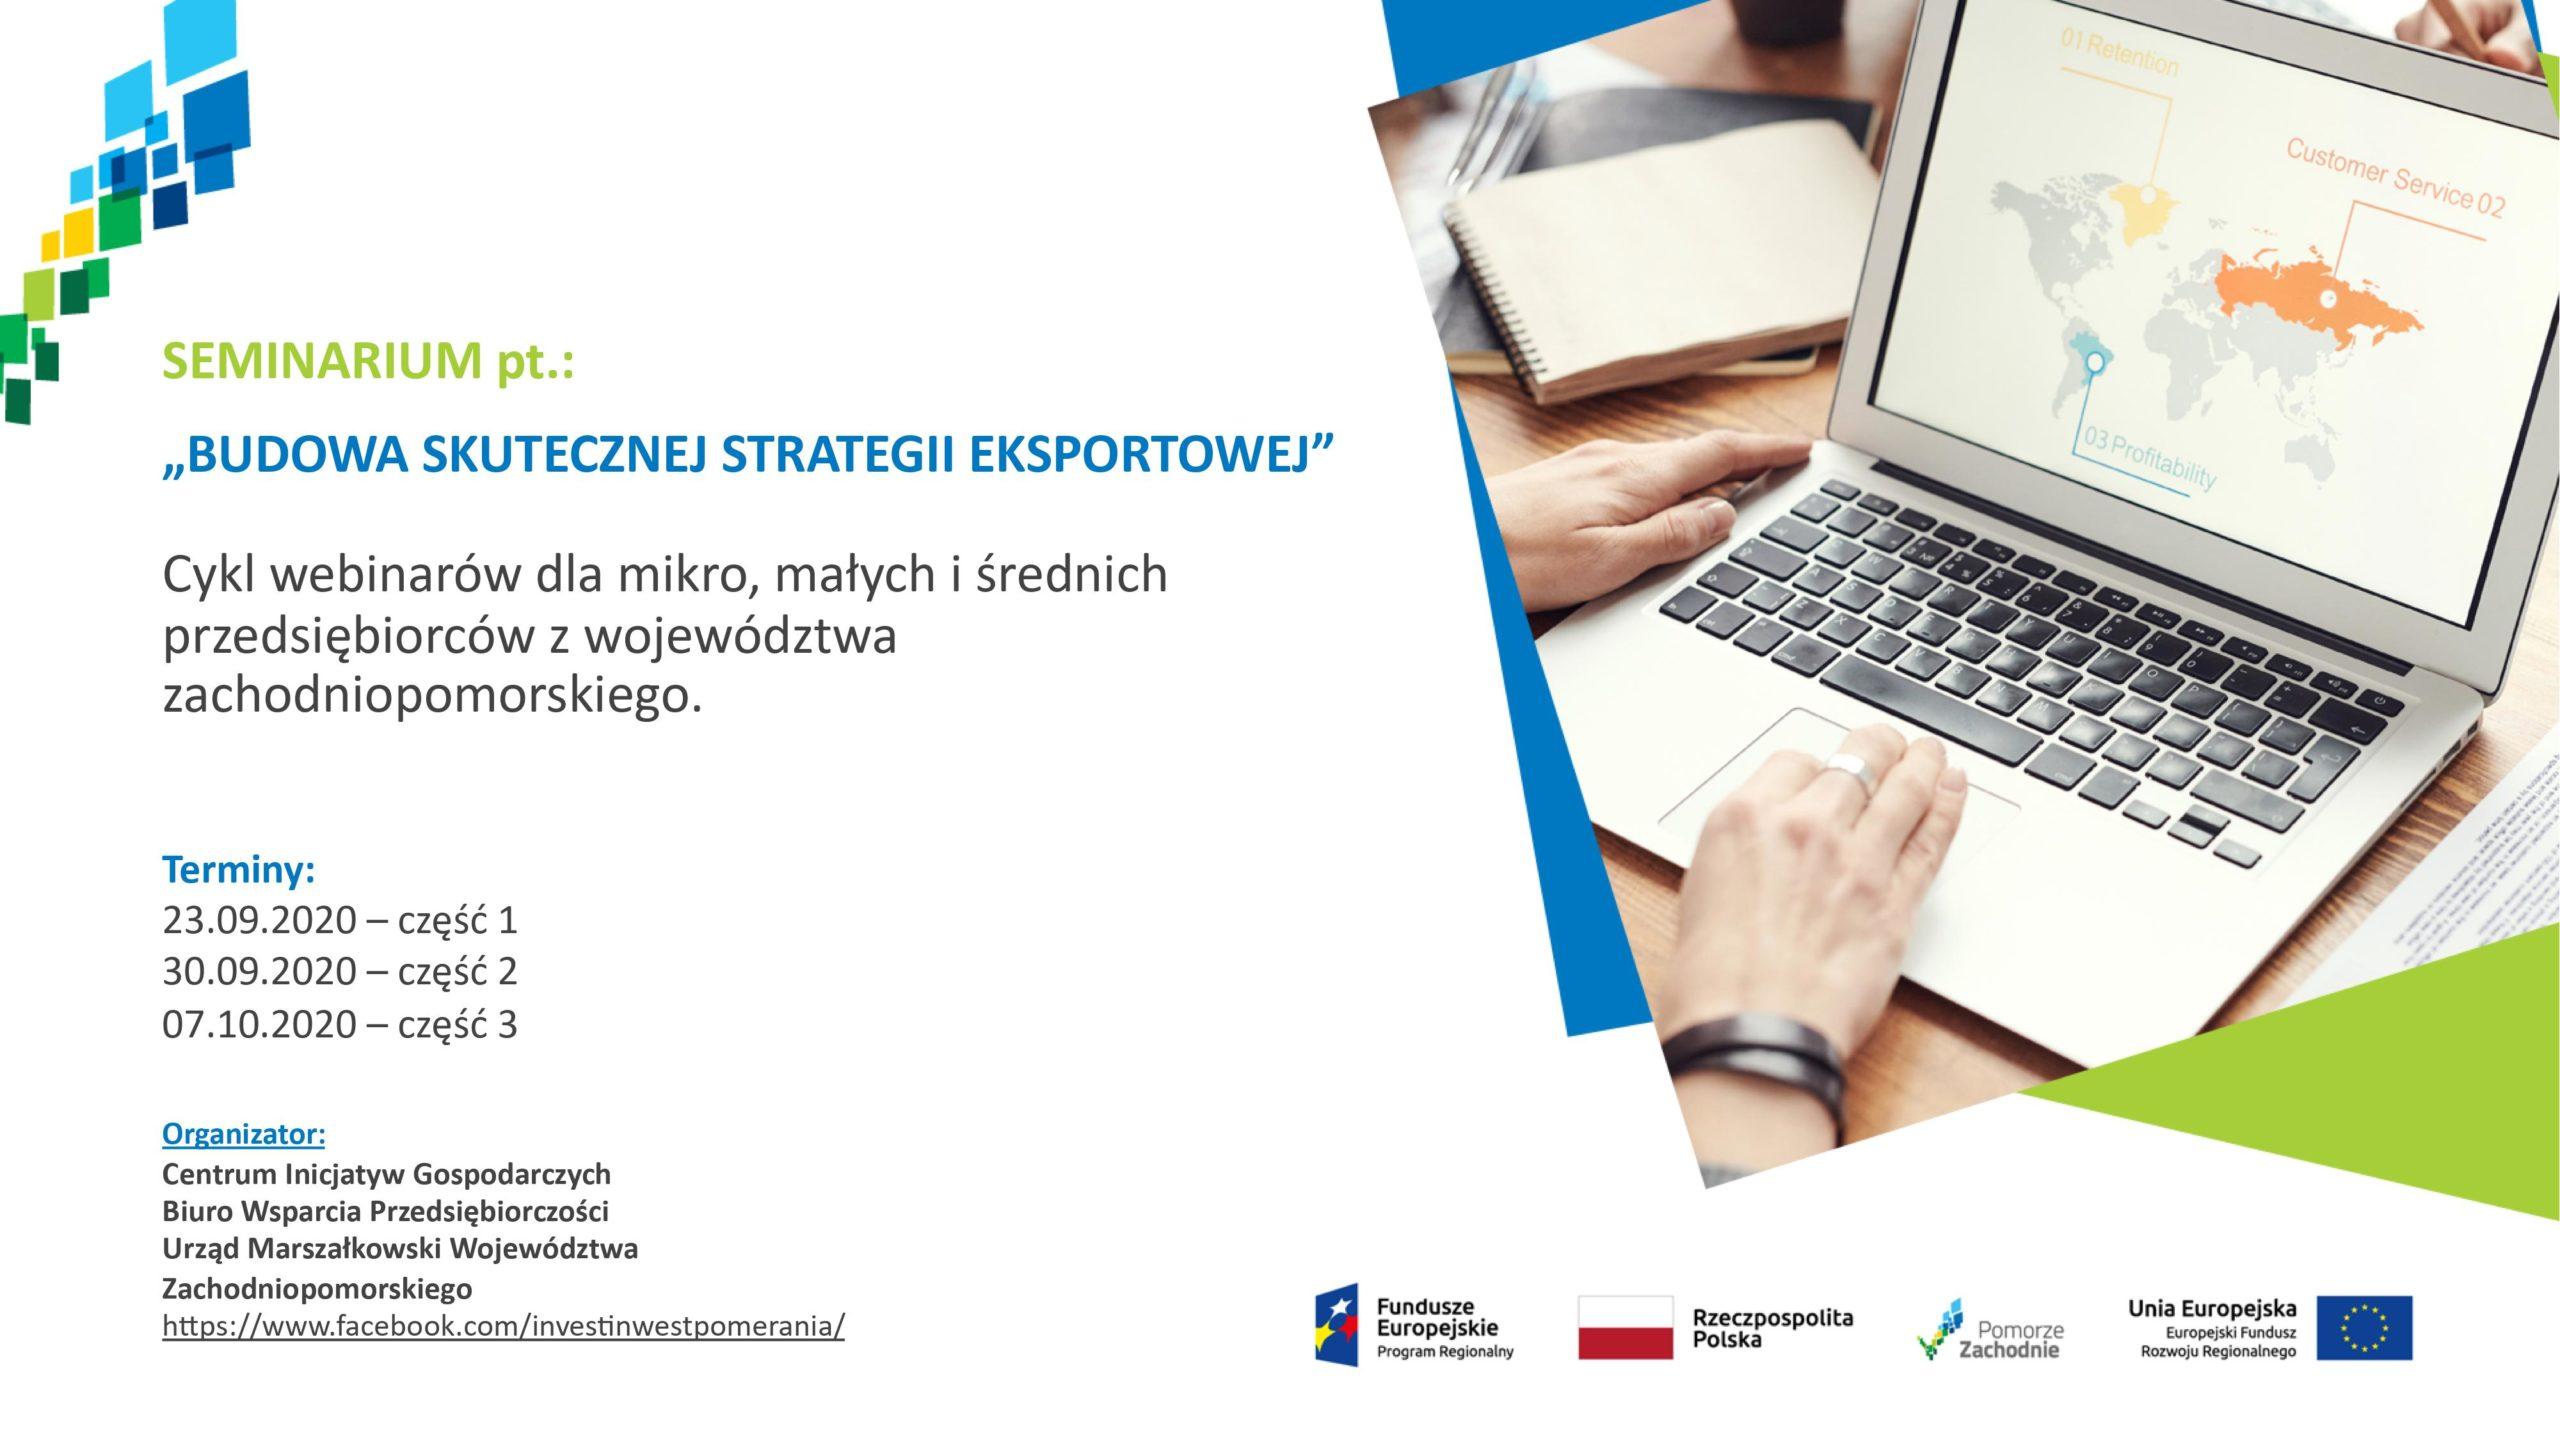 Jak budować skuteczną strategię eksportową? Cykl bezpłatnych webinarów